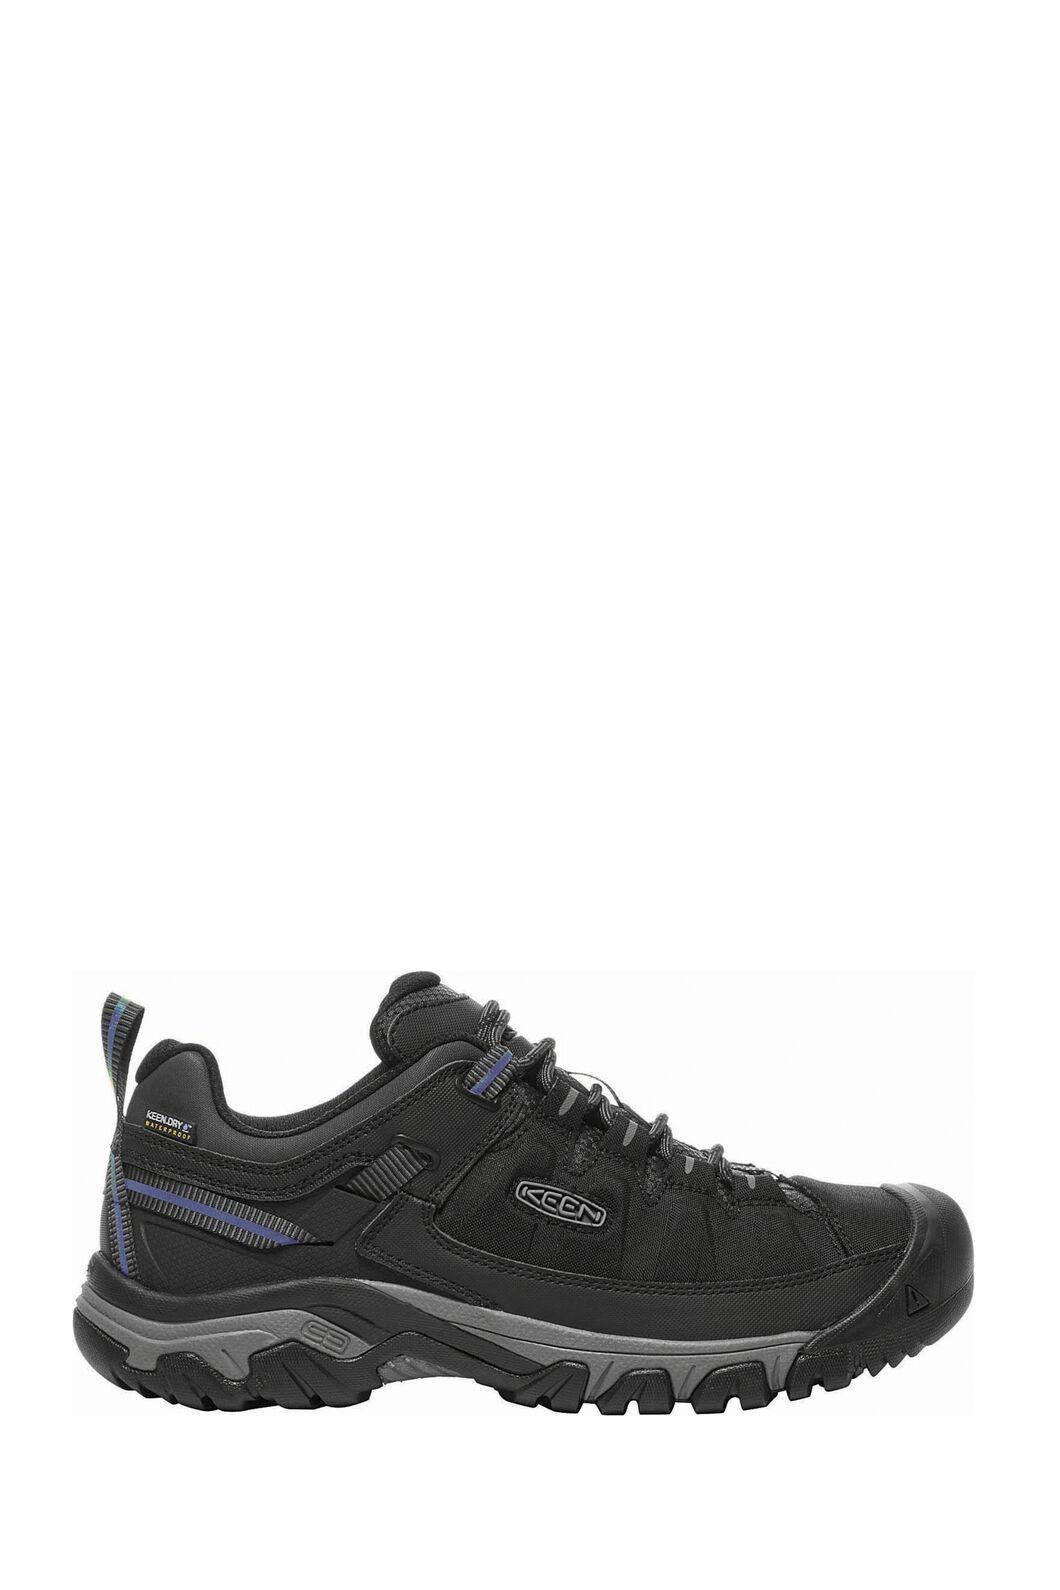 Keen Targhee EXP WP Hiking Shoes - Men's, Black/Steel Grey, hi-res